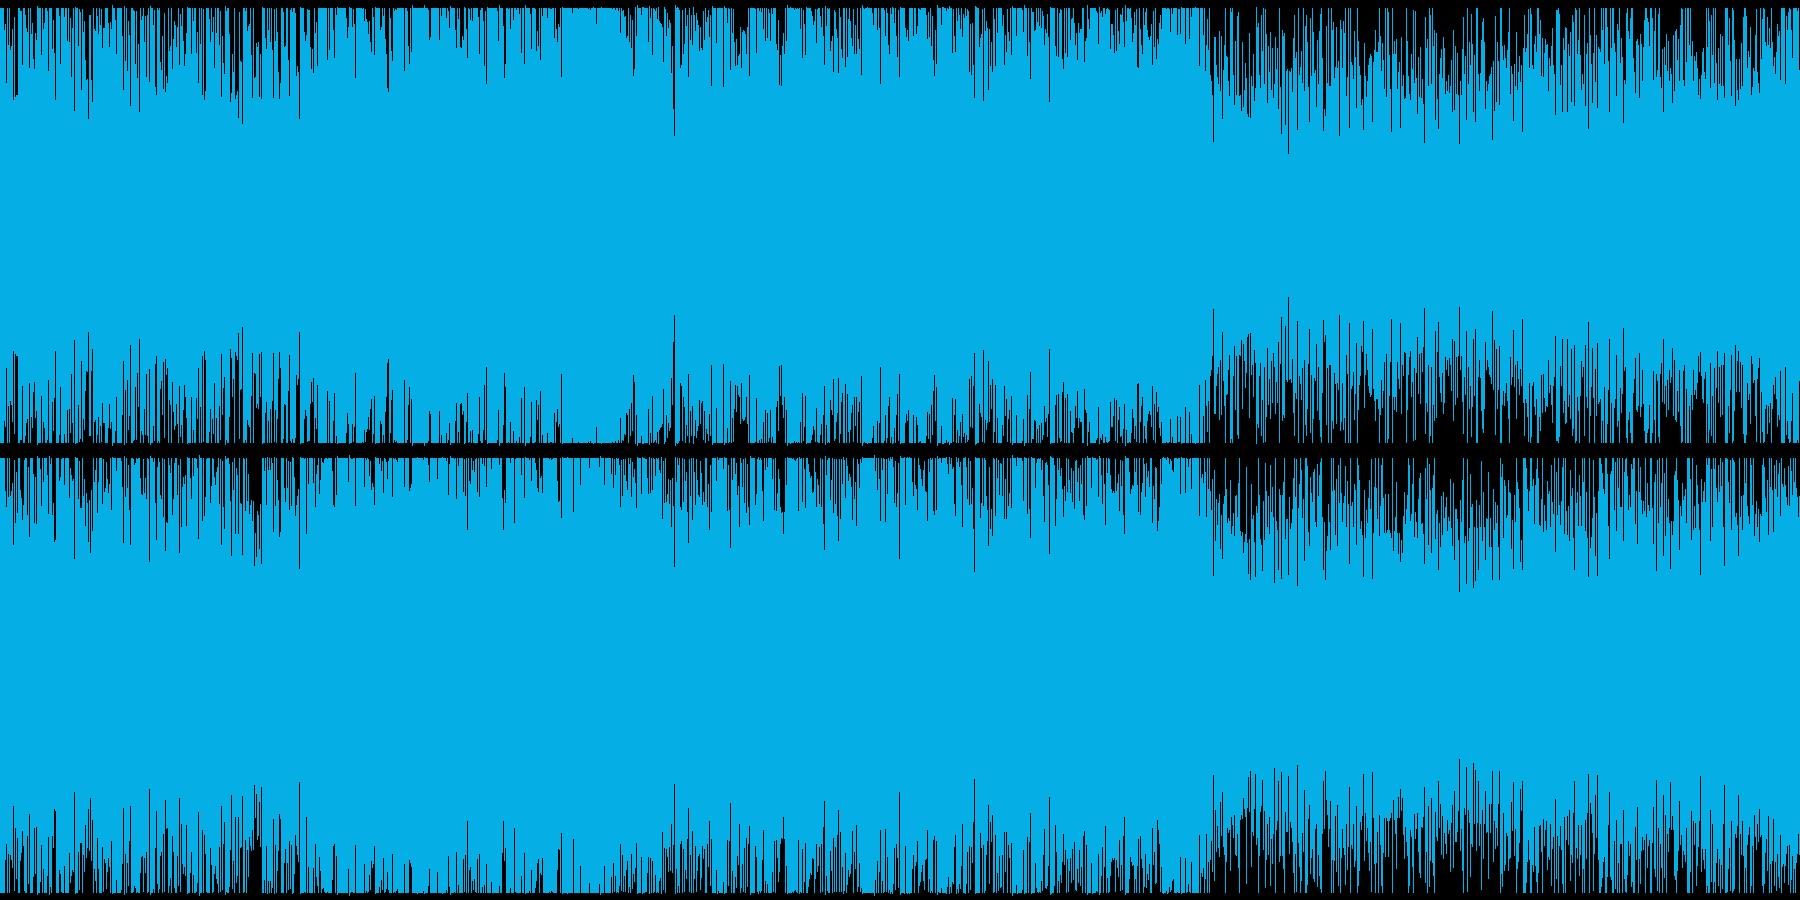 ダークなサスペンスシネマサウンドループSの再生済みの波形